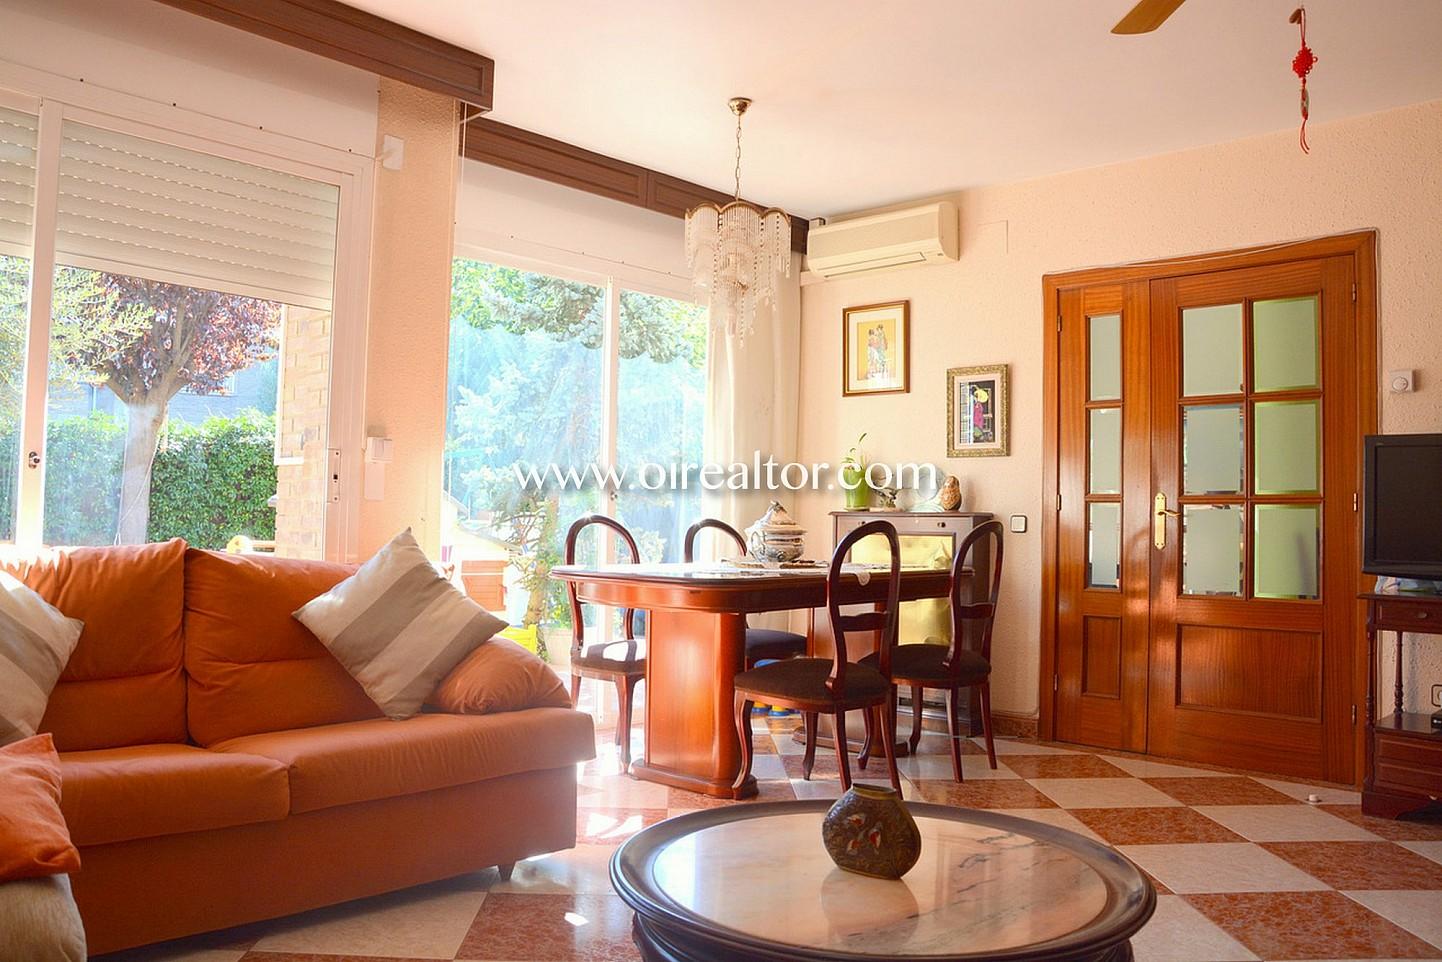 Muebles barbera del valles cheap mobiliario de oficinas mesas de trabajo y ventanas with - Muebles barbera del valles ...